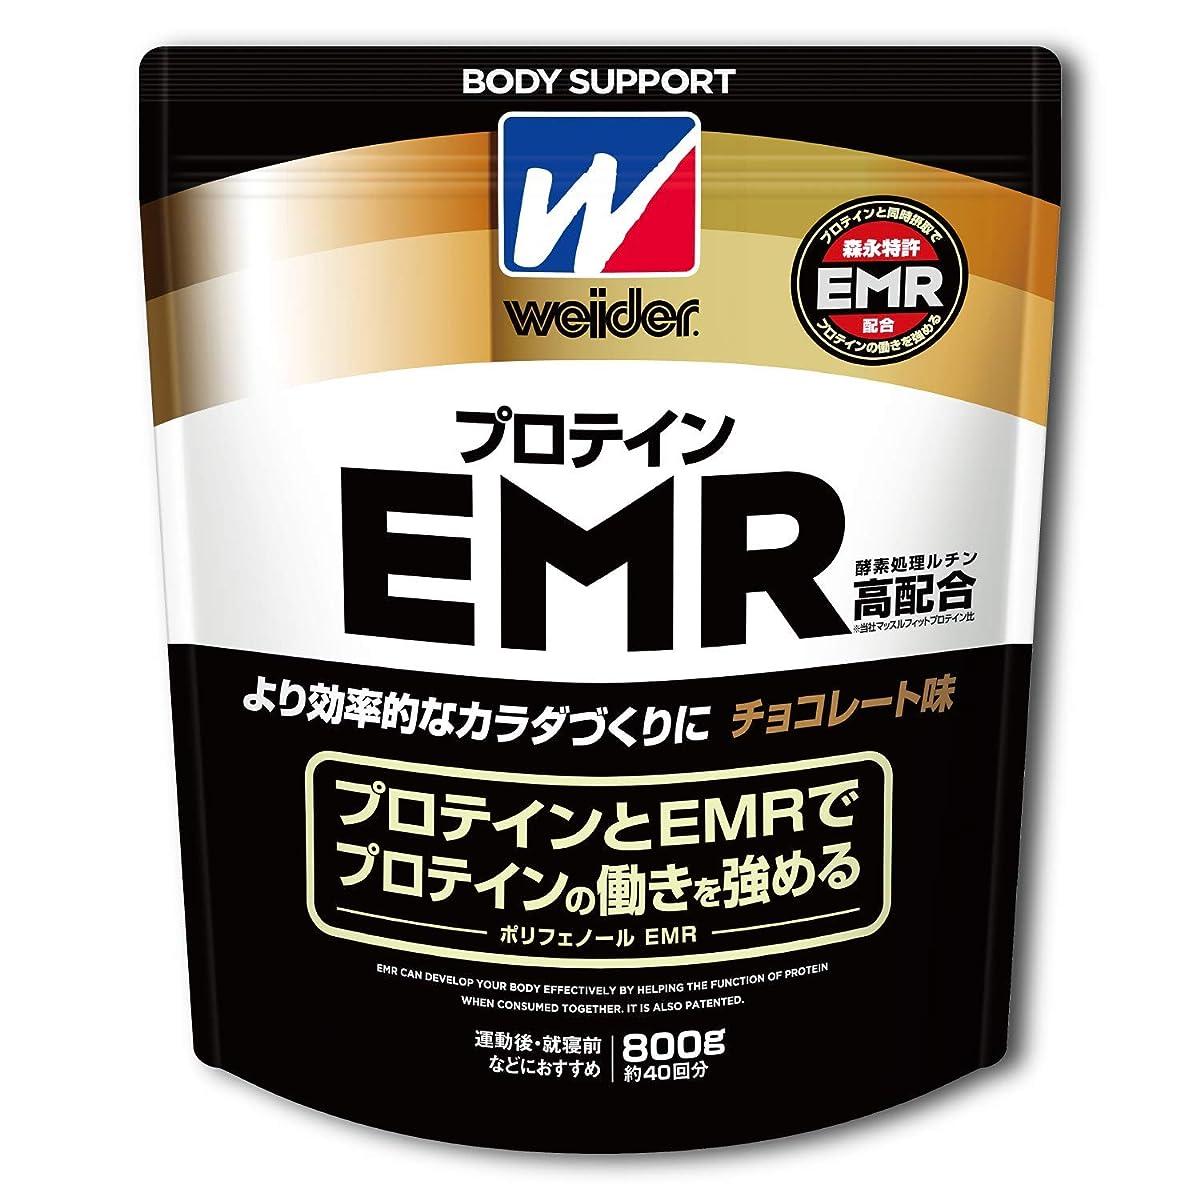 バーチャルペット苦しみBODY SUPPORT W ウイダー EMR高配合プロテイン チョコレート味 800g (約40回分) ホエイプロテイン 酵素処理ルチンEMR高配合 [Amazon限定ブランド]